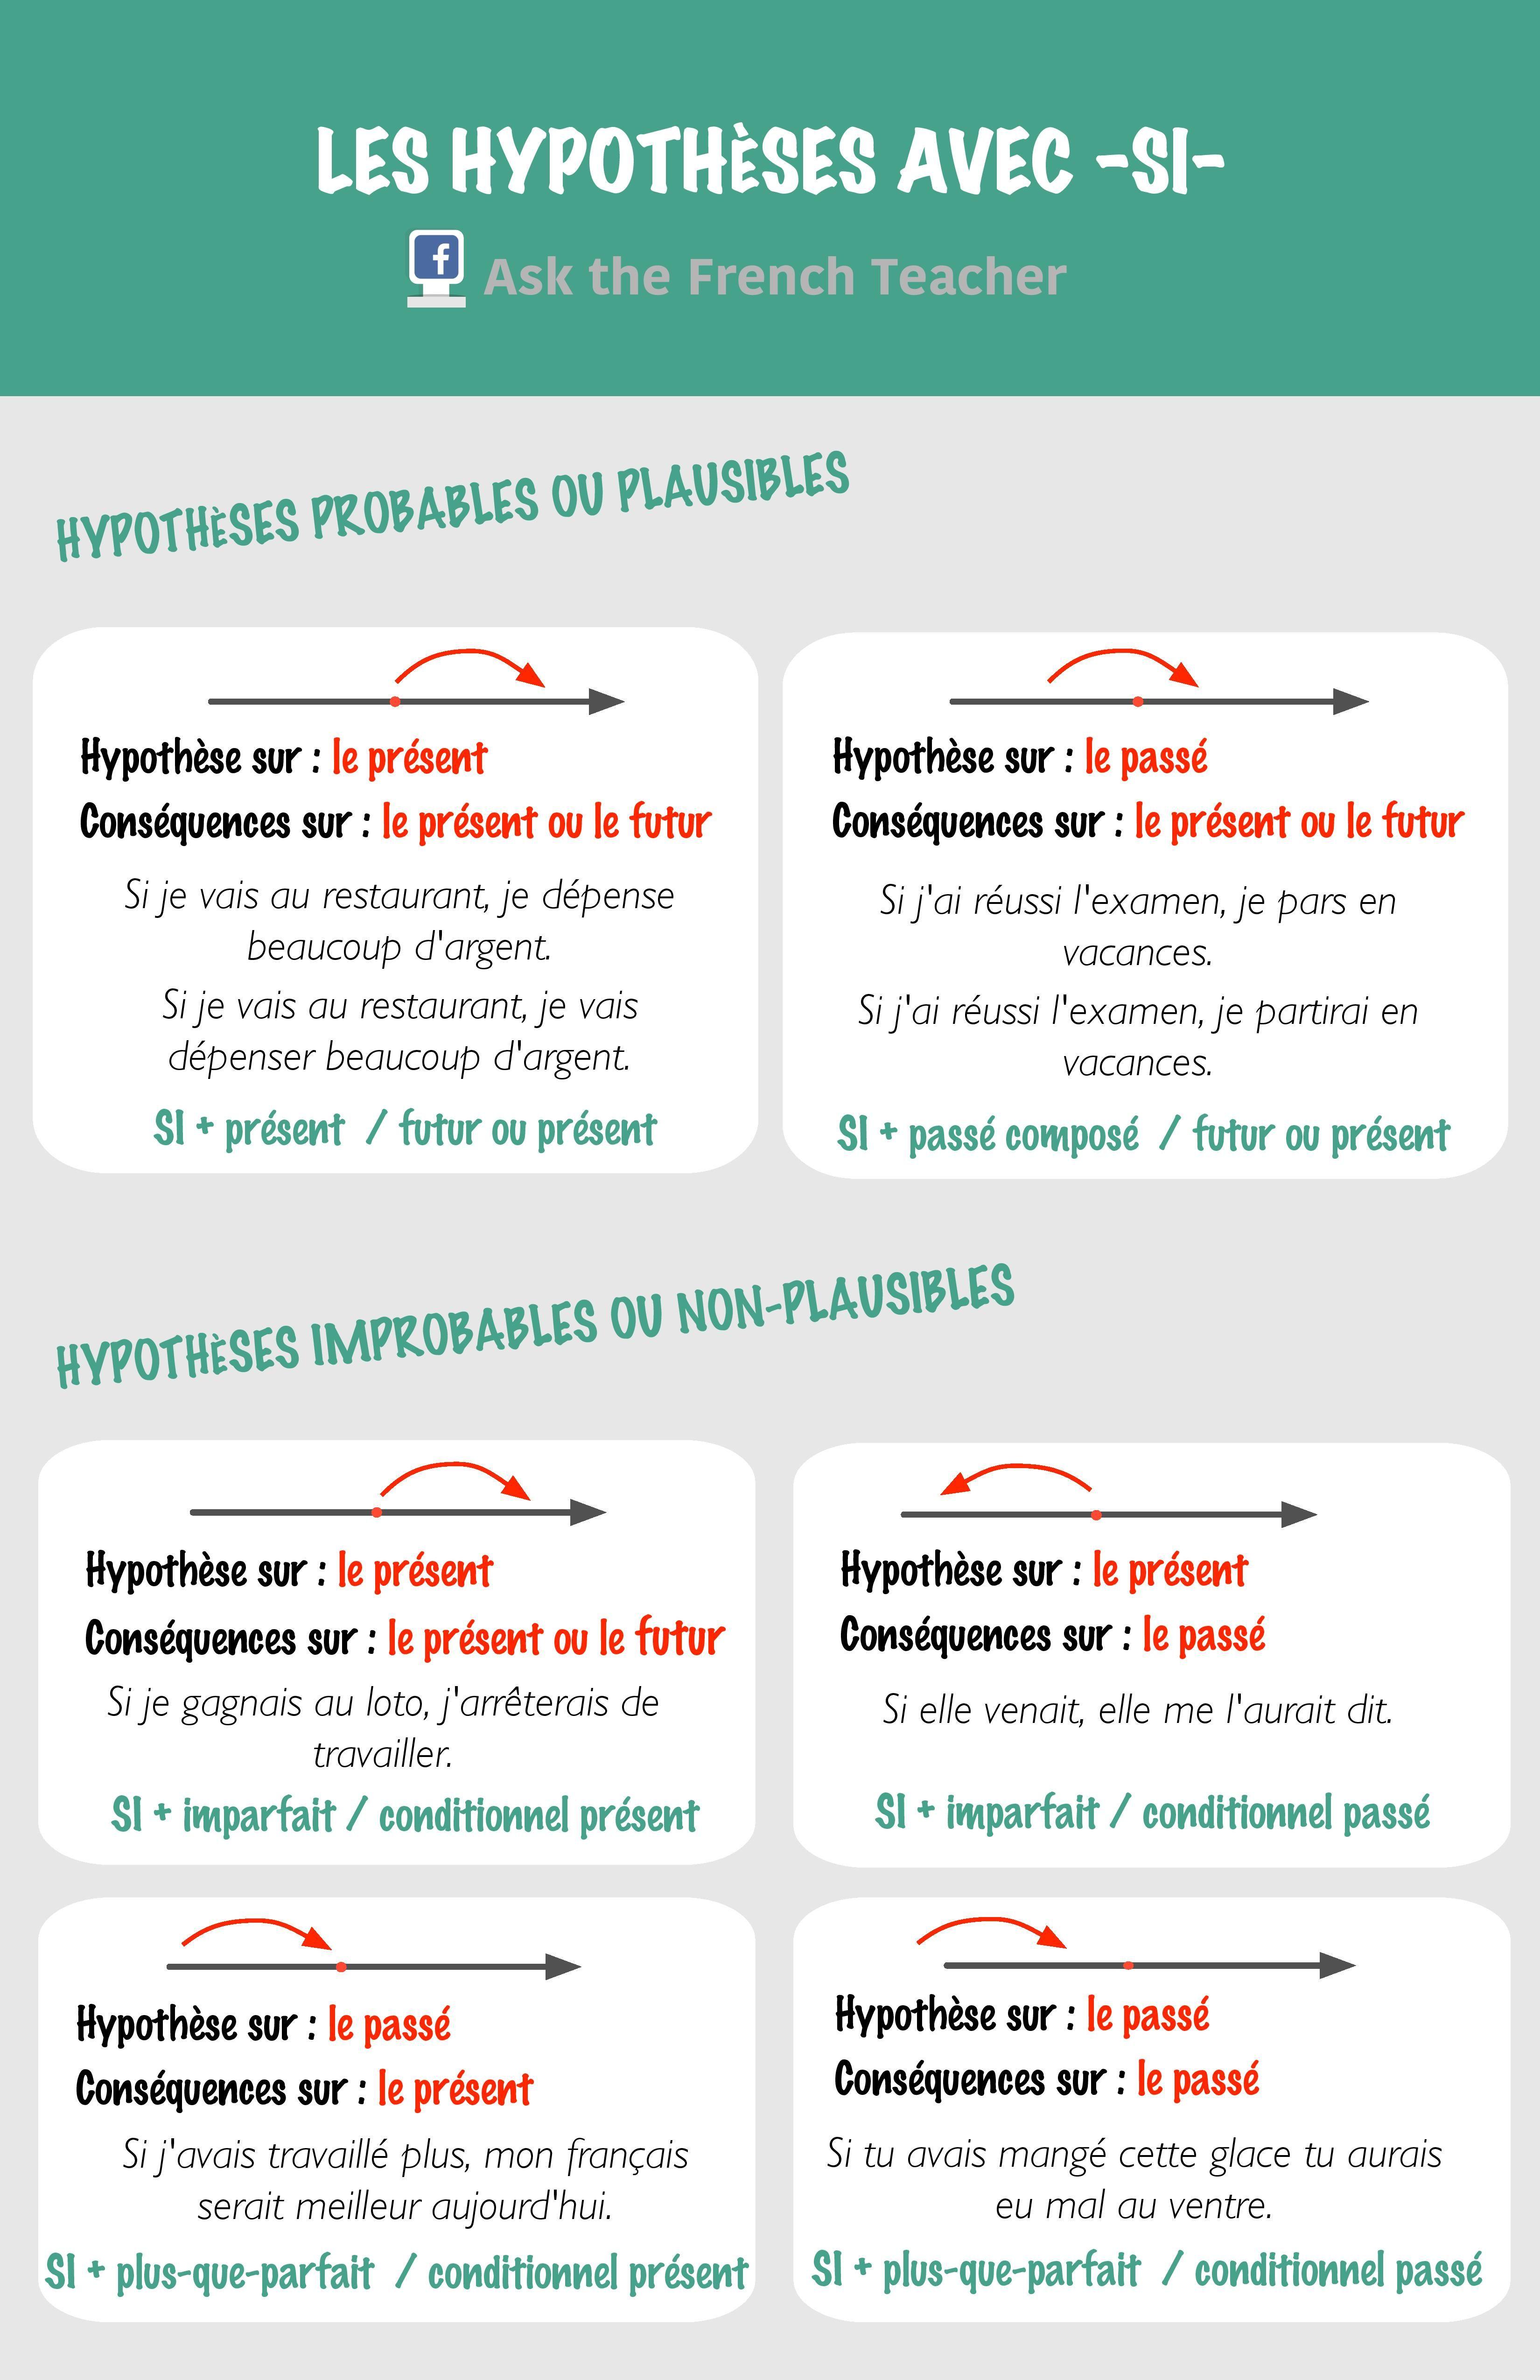 grammaire fran ais fle hypoth se conditionnel imparfait plus que parfait french. Black Bedroom Furniture Sets. Home Design Ideas